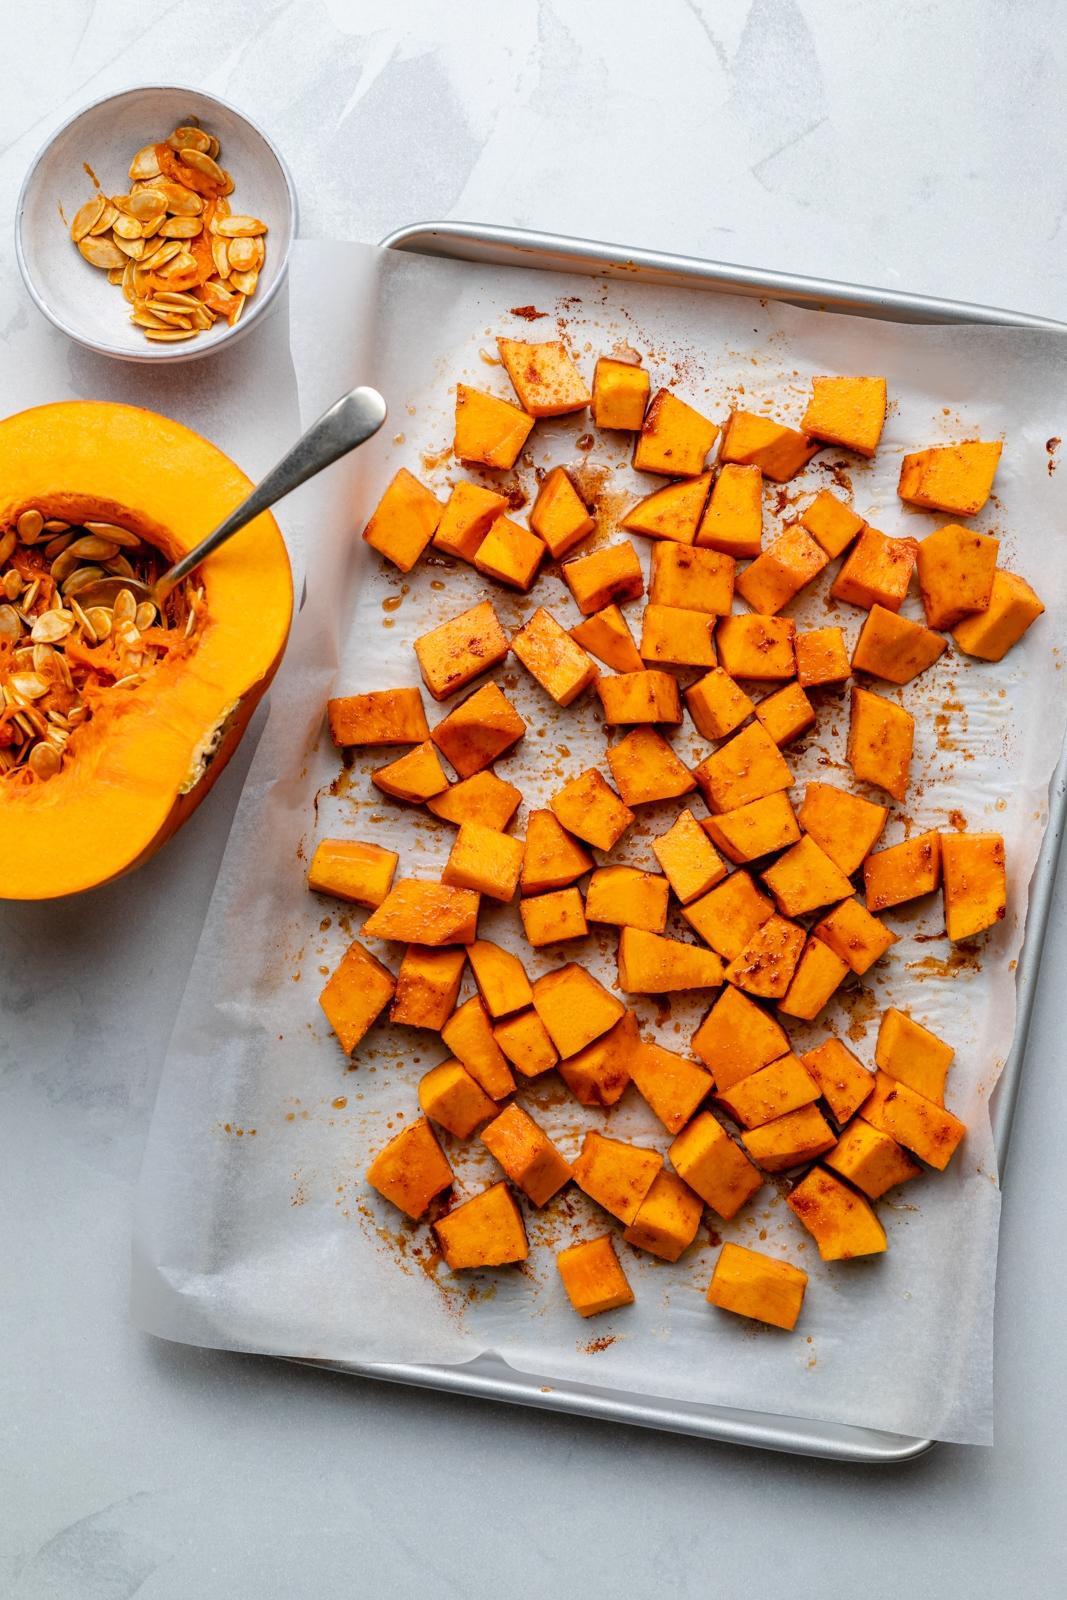 cubed pumpkin on a baking sheet